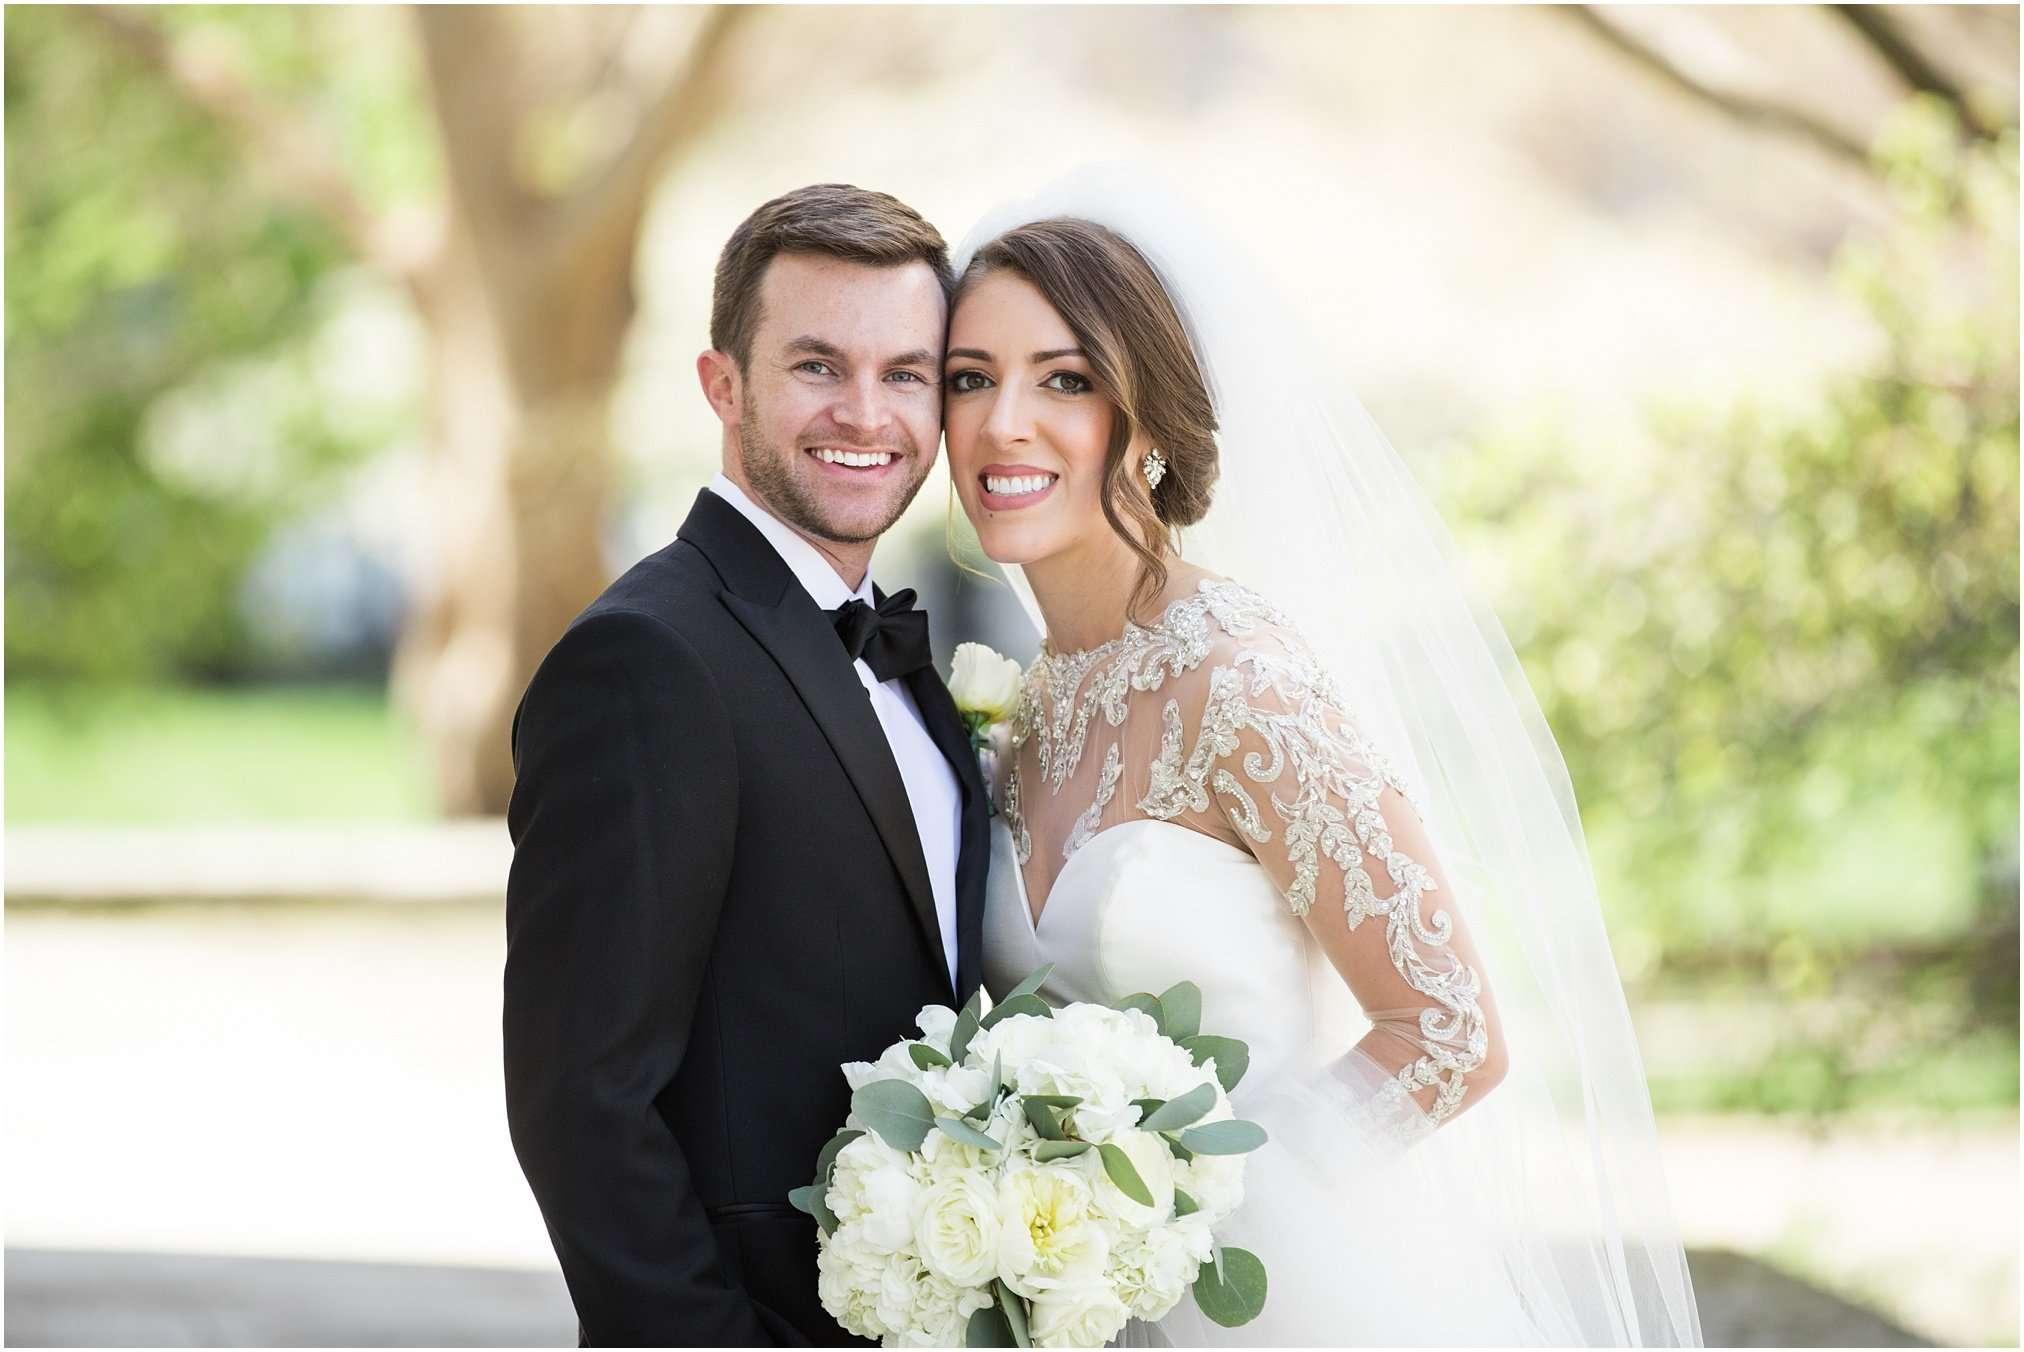 Spring Wedding at the Ohio Statehouse | Columbus Ohio Photography 48